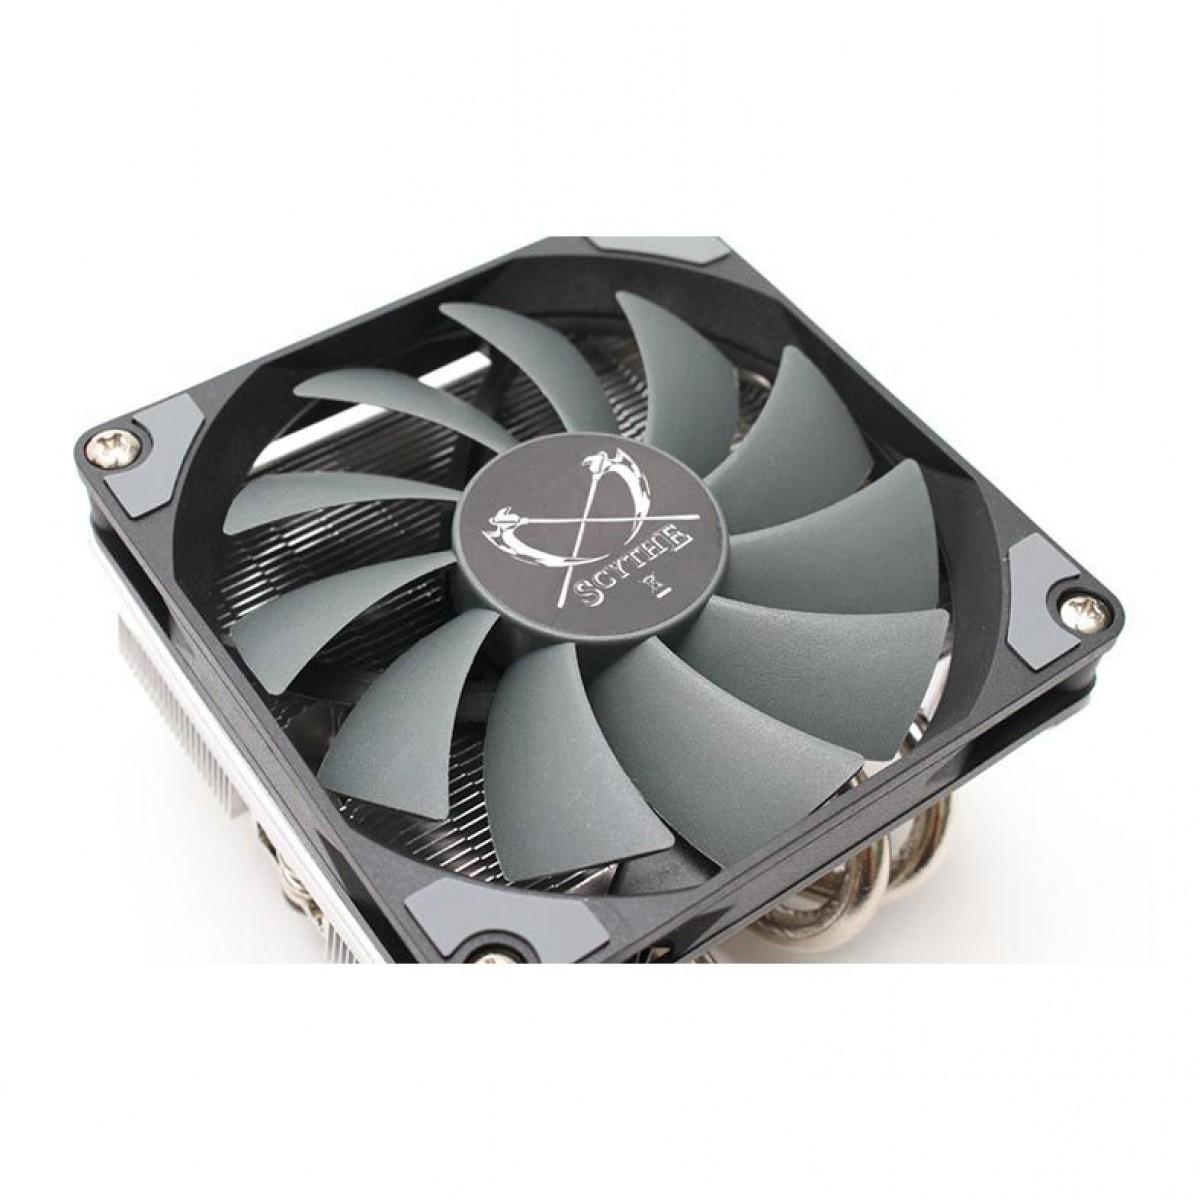 Cooler para Processador Scythe, Big Shuriken 2, 92mm, Intel-AMD